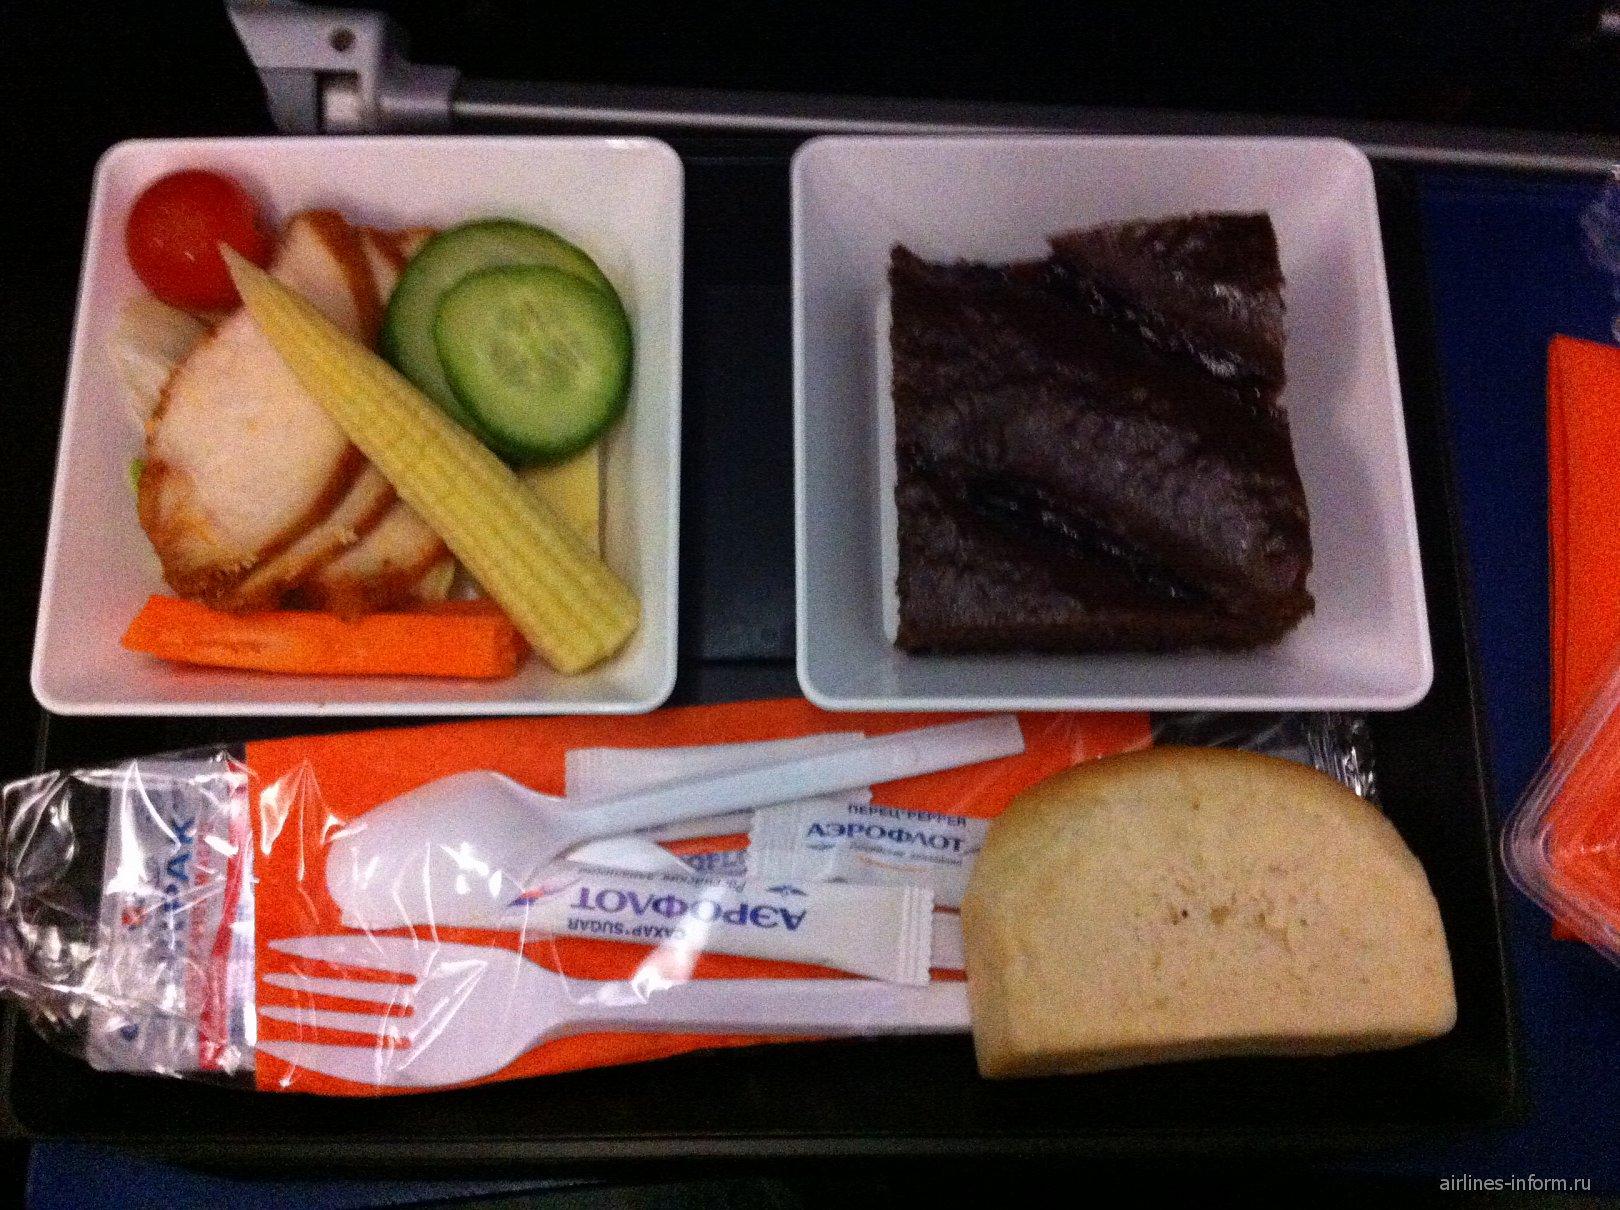 Мусульманское питание на рейсе Аэрофлота Сочи-Москва